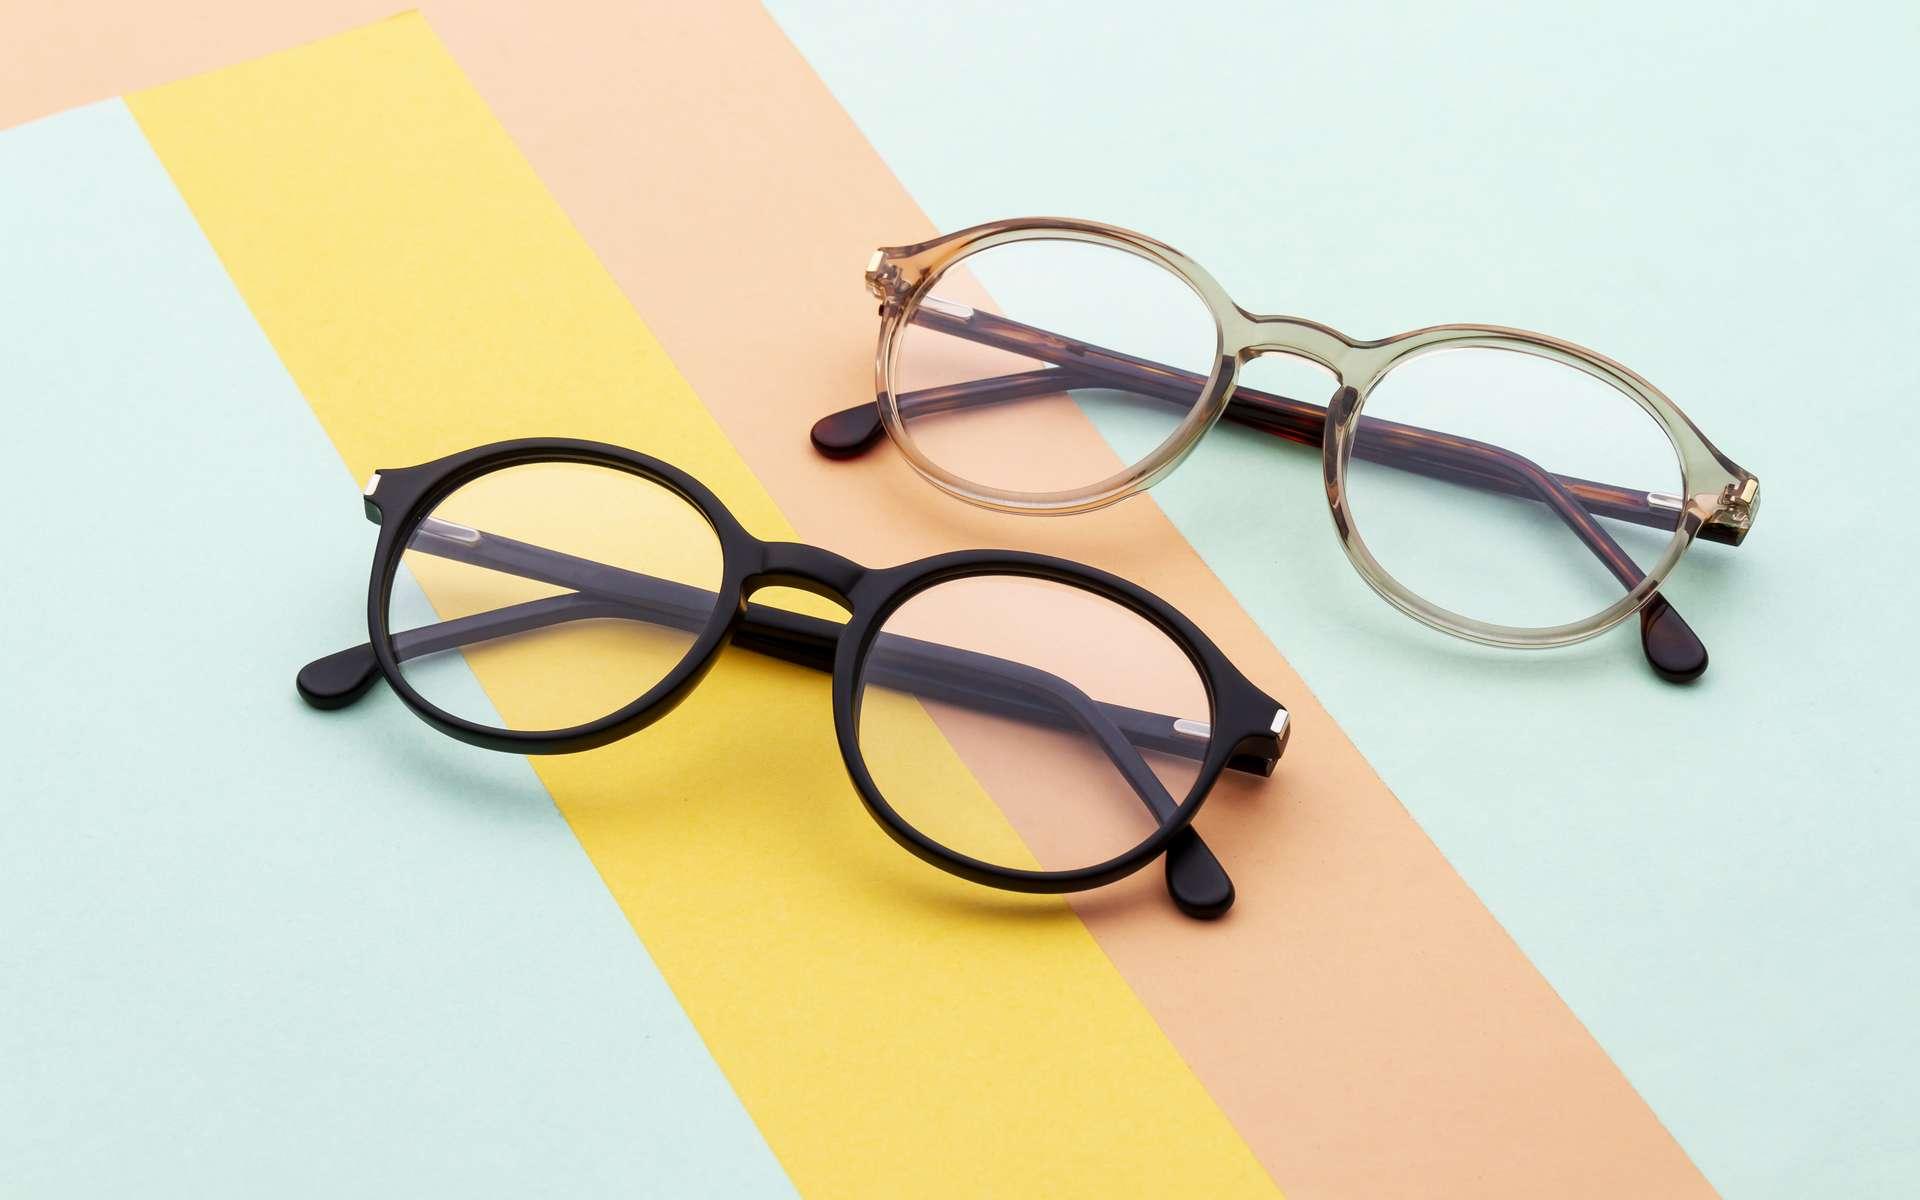 Les lunettes sont particulièrement exposées aux microbes et aux virus. © Ramakant, Adobe Stock